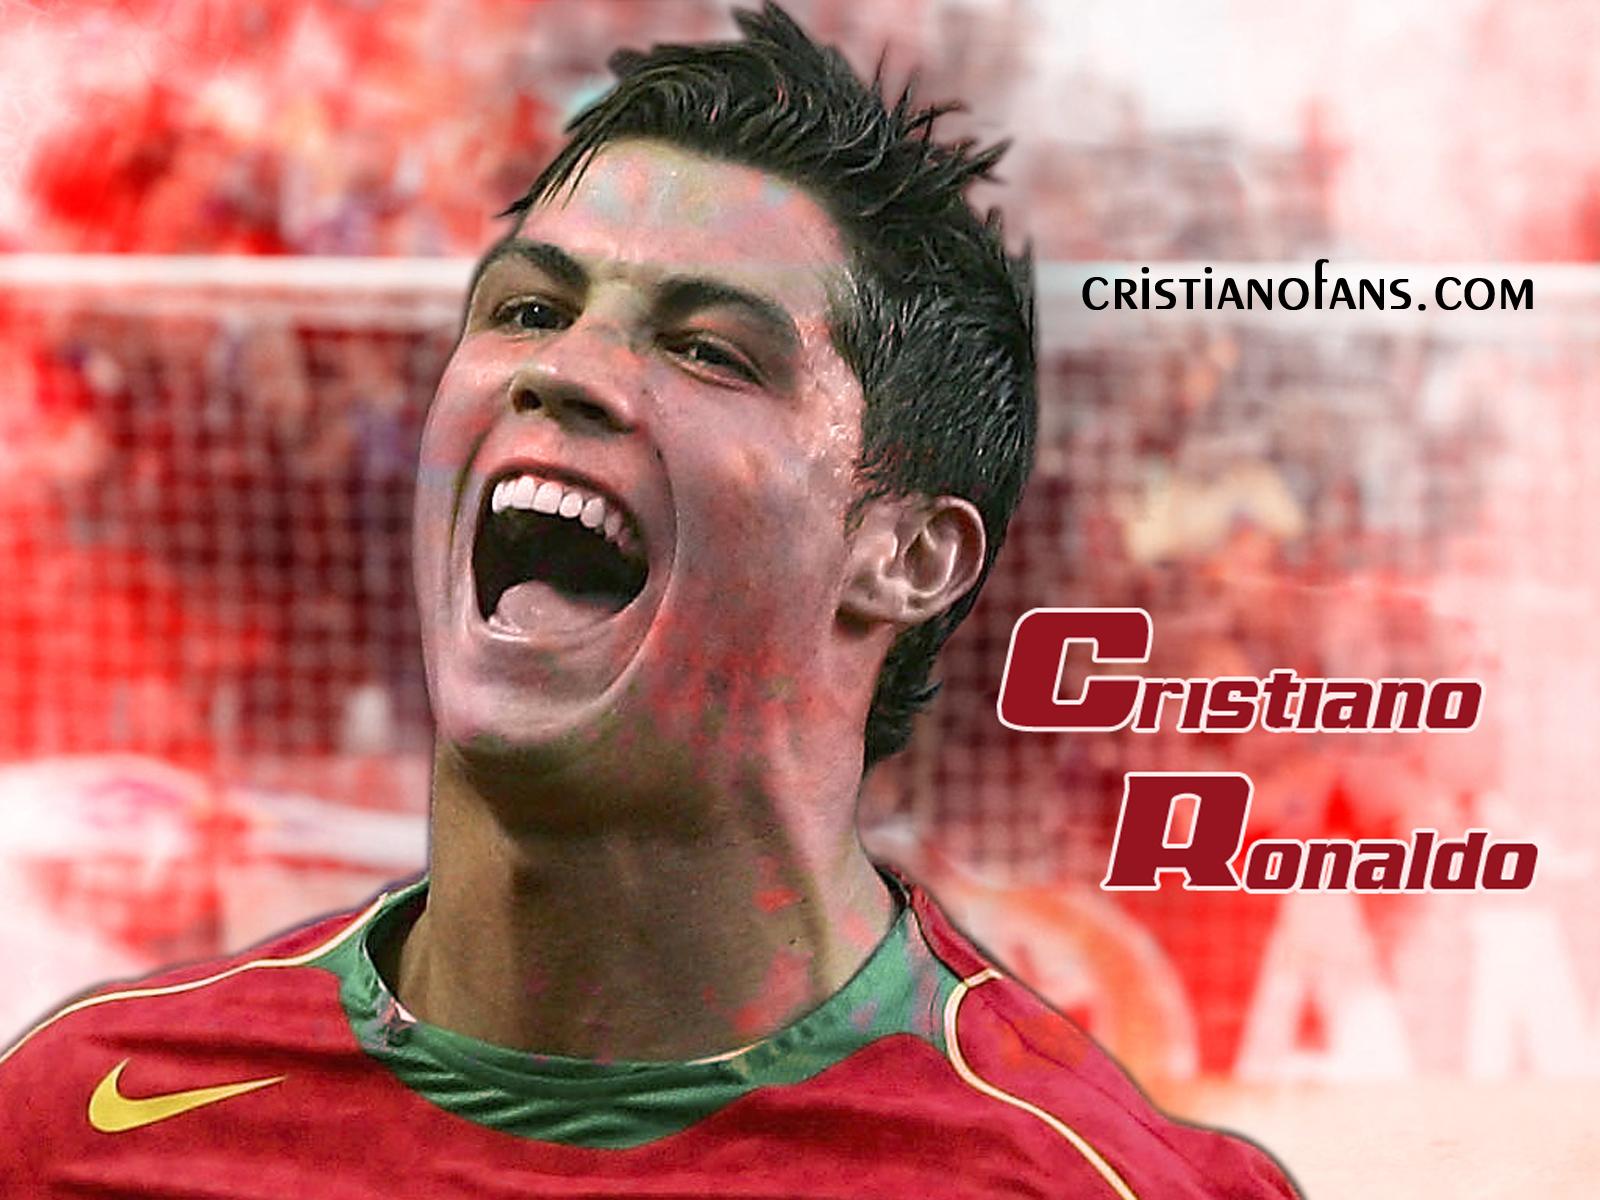 http://3.bp.blogspot.com/_SvY3NWWQBns/S78-NcEgS0I/AAAAAAAAAHc/N6KnoFecnoA/s1600/Cristiano-Ronaldo-Wallpaper-016.jpg